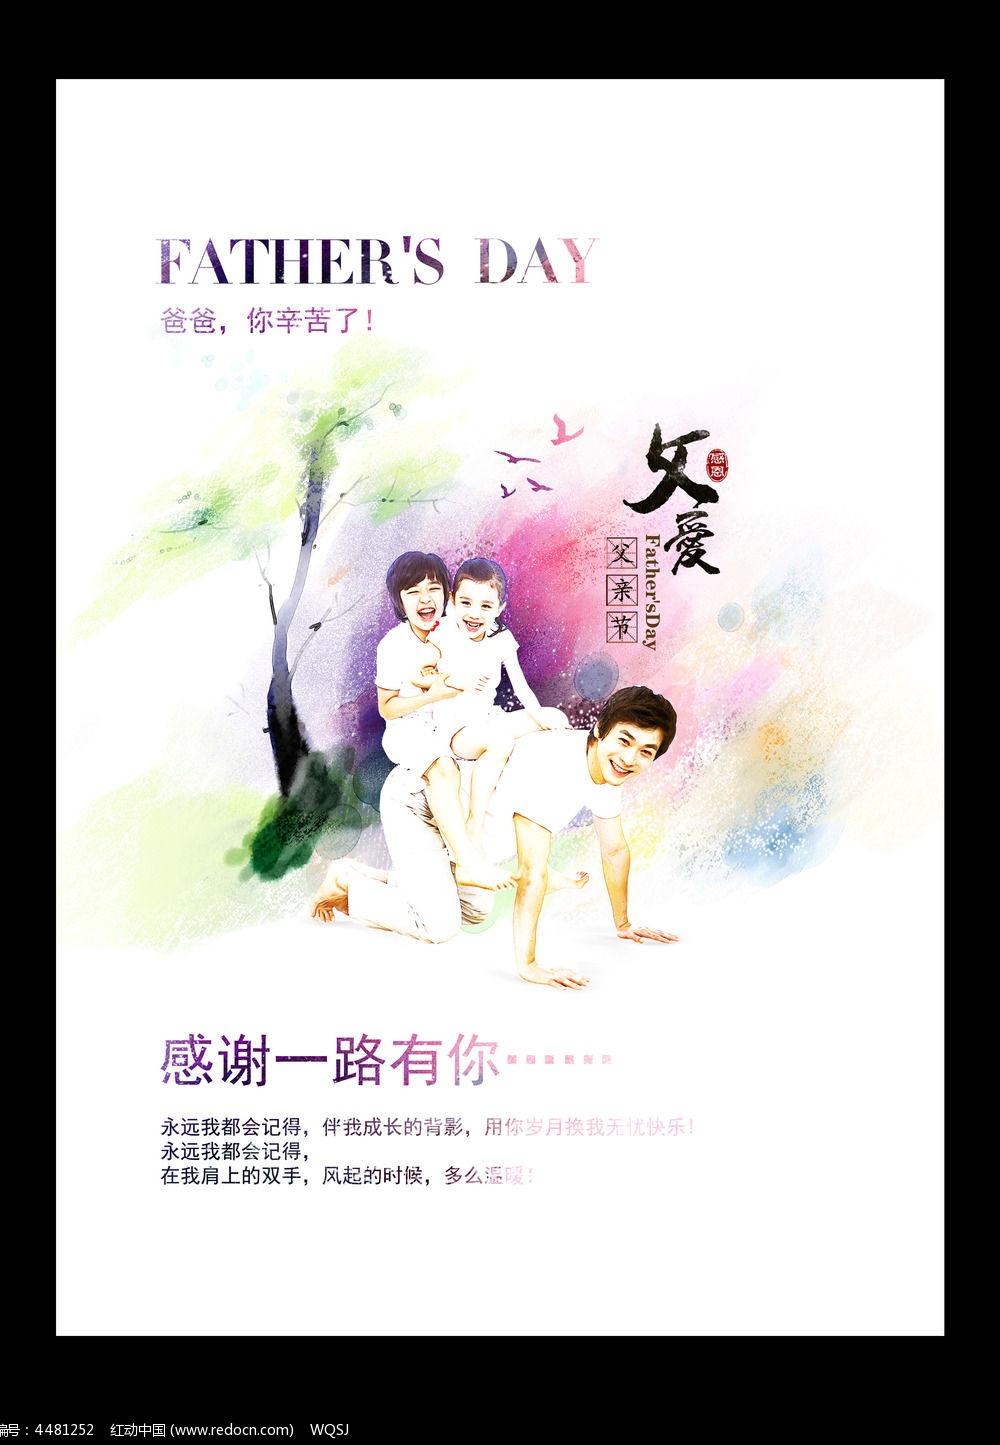 手绘风格父亲节海报设计